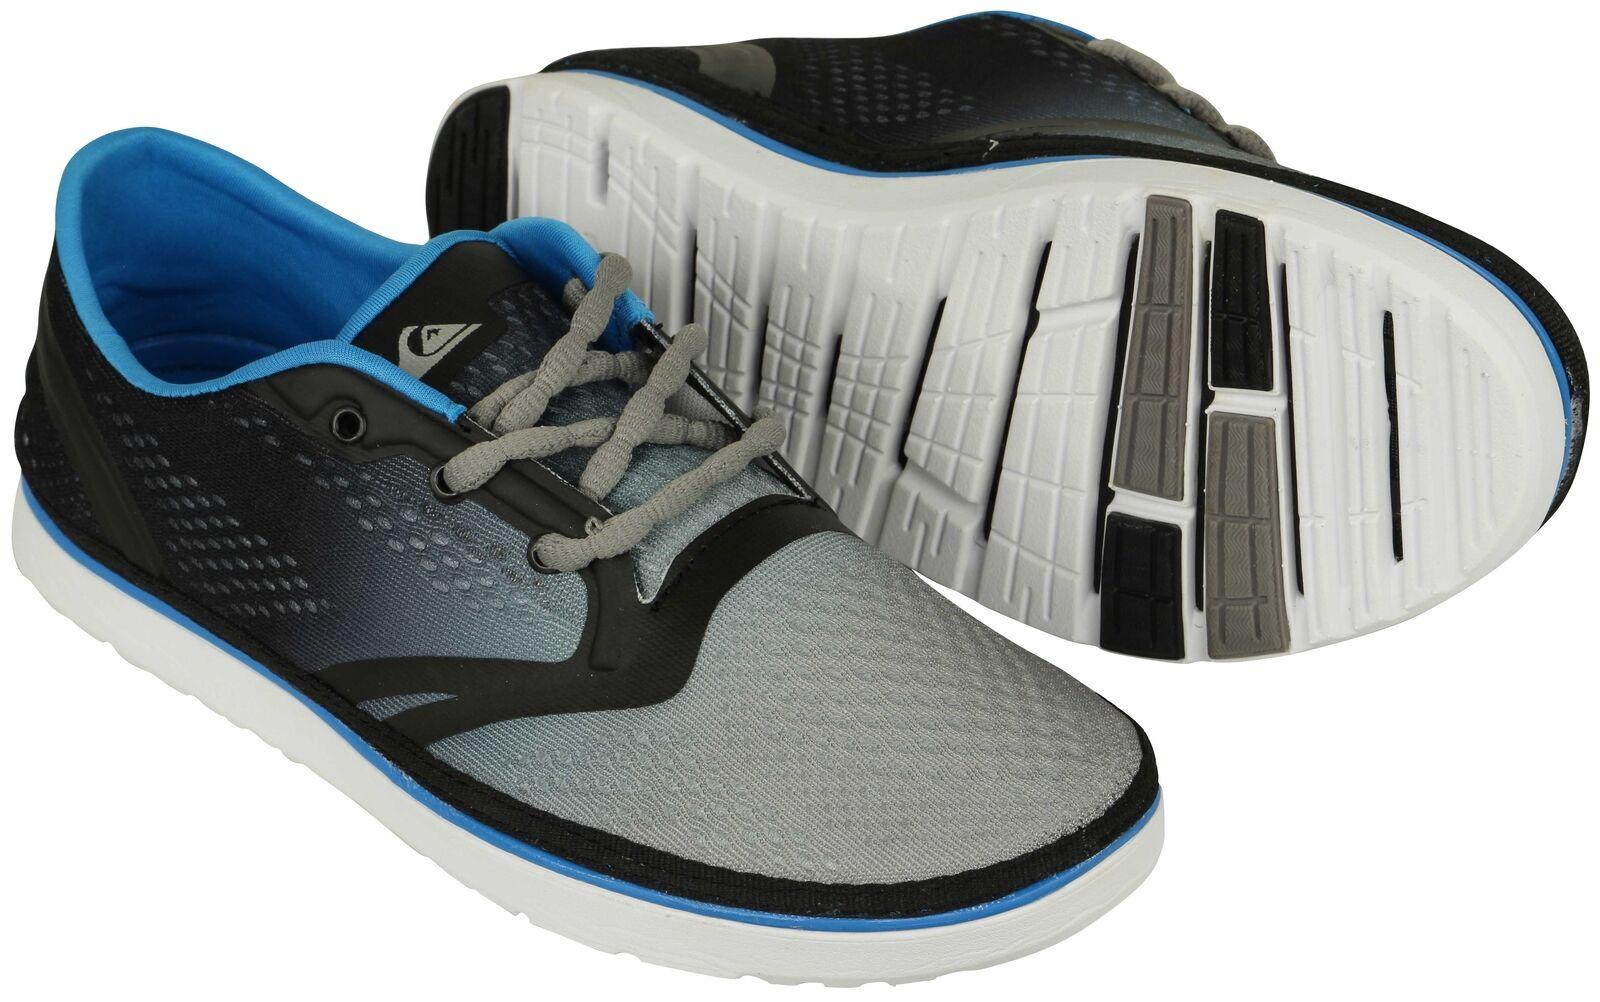 Quiksilver Mens AG47 Amphibian shoes - Black White bluee